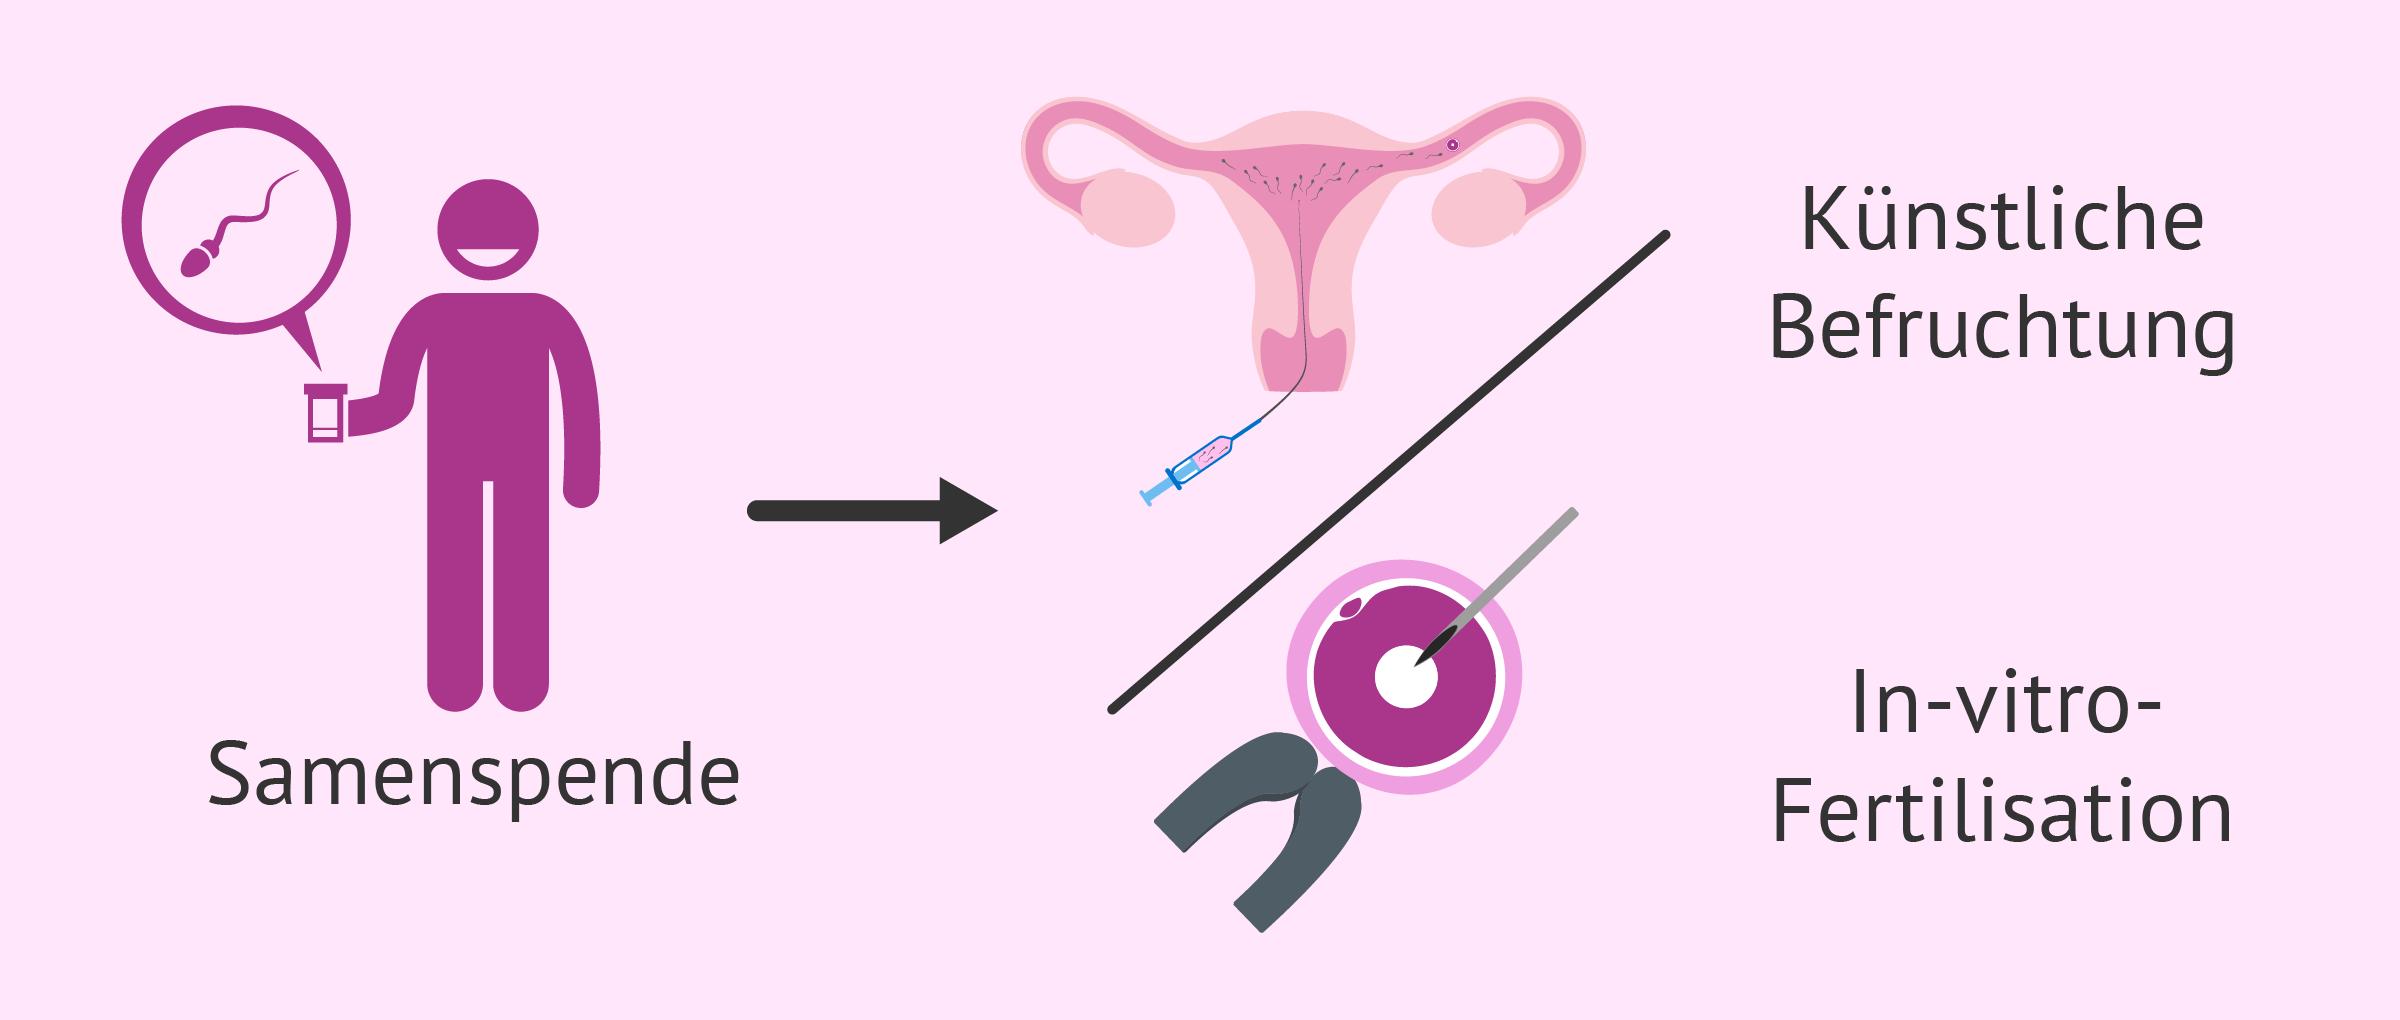 Samenspende für eine künstliche Befruchtung oder einer IVF